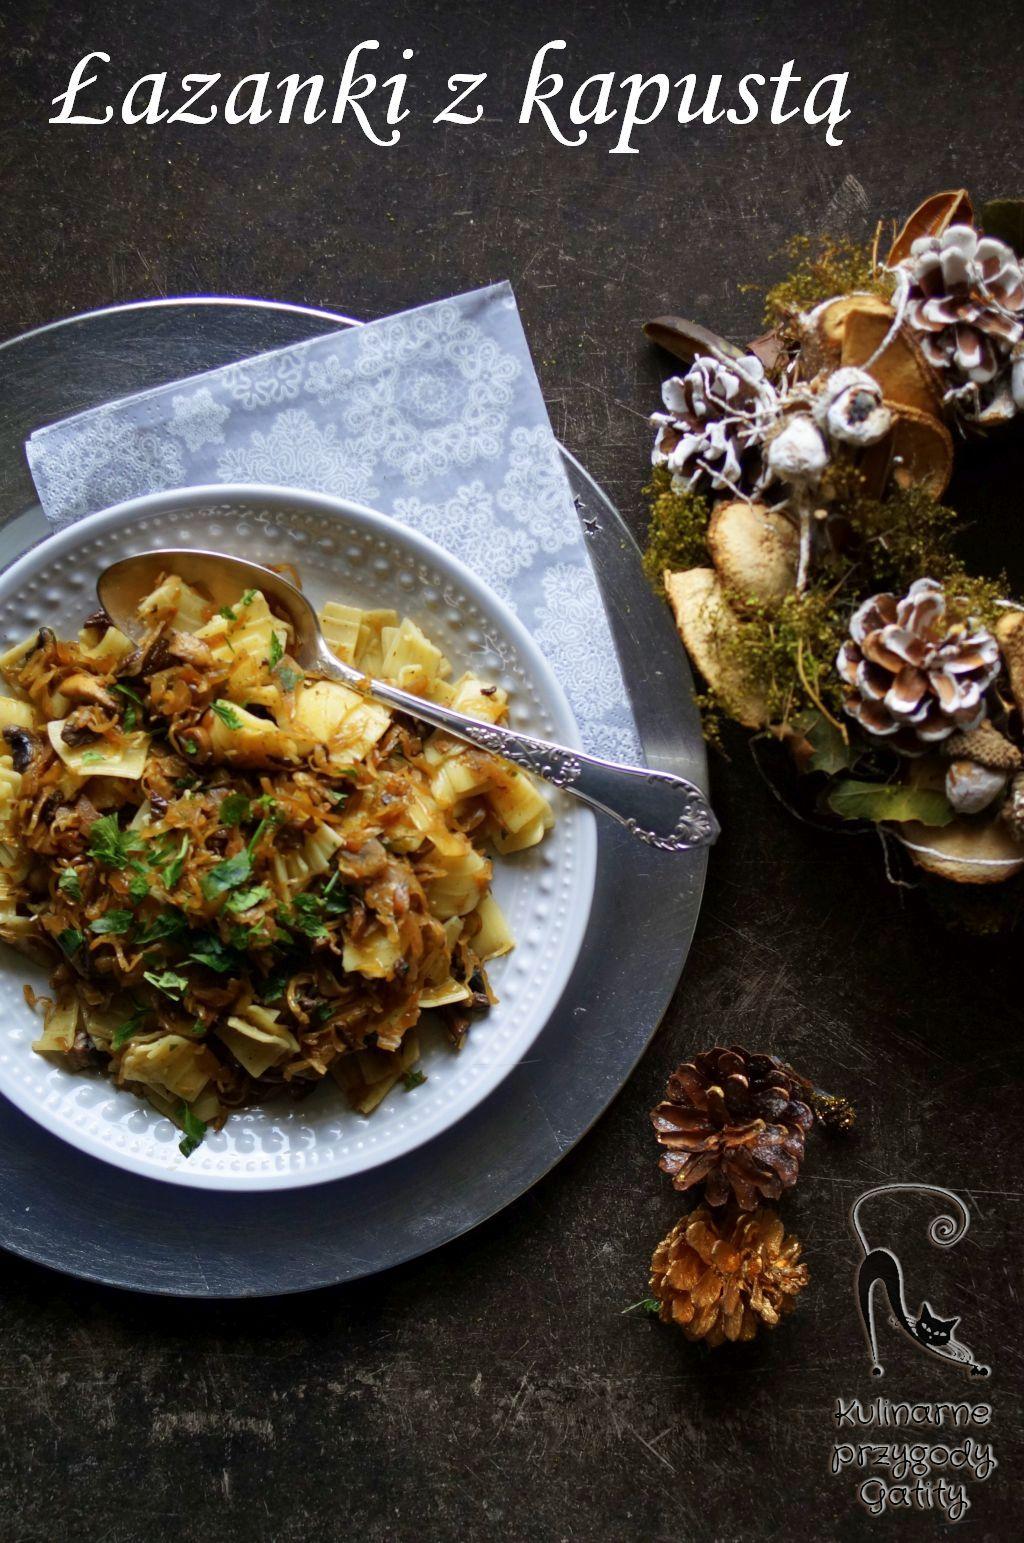 makaron-lubella-z-kapusta-i-grzybami-na bialym talerzu